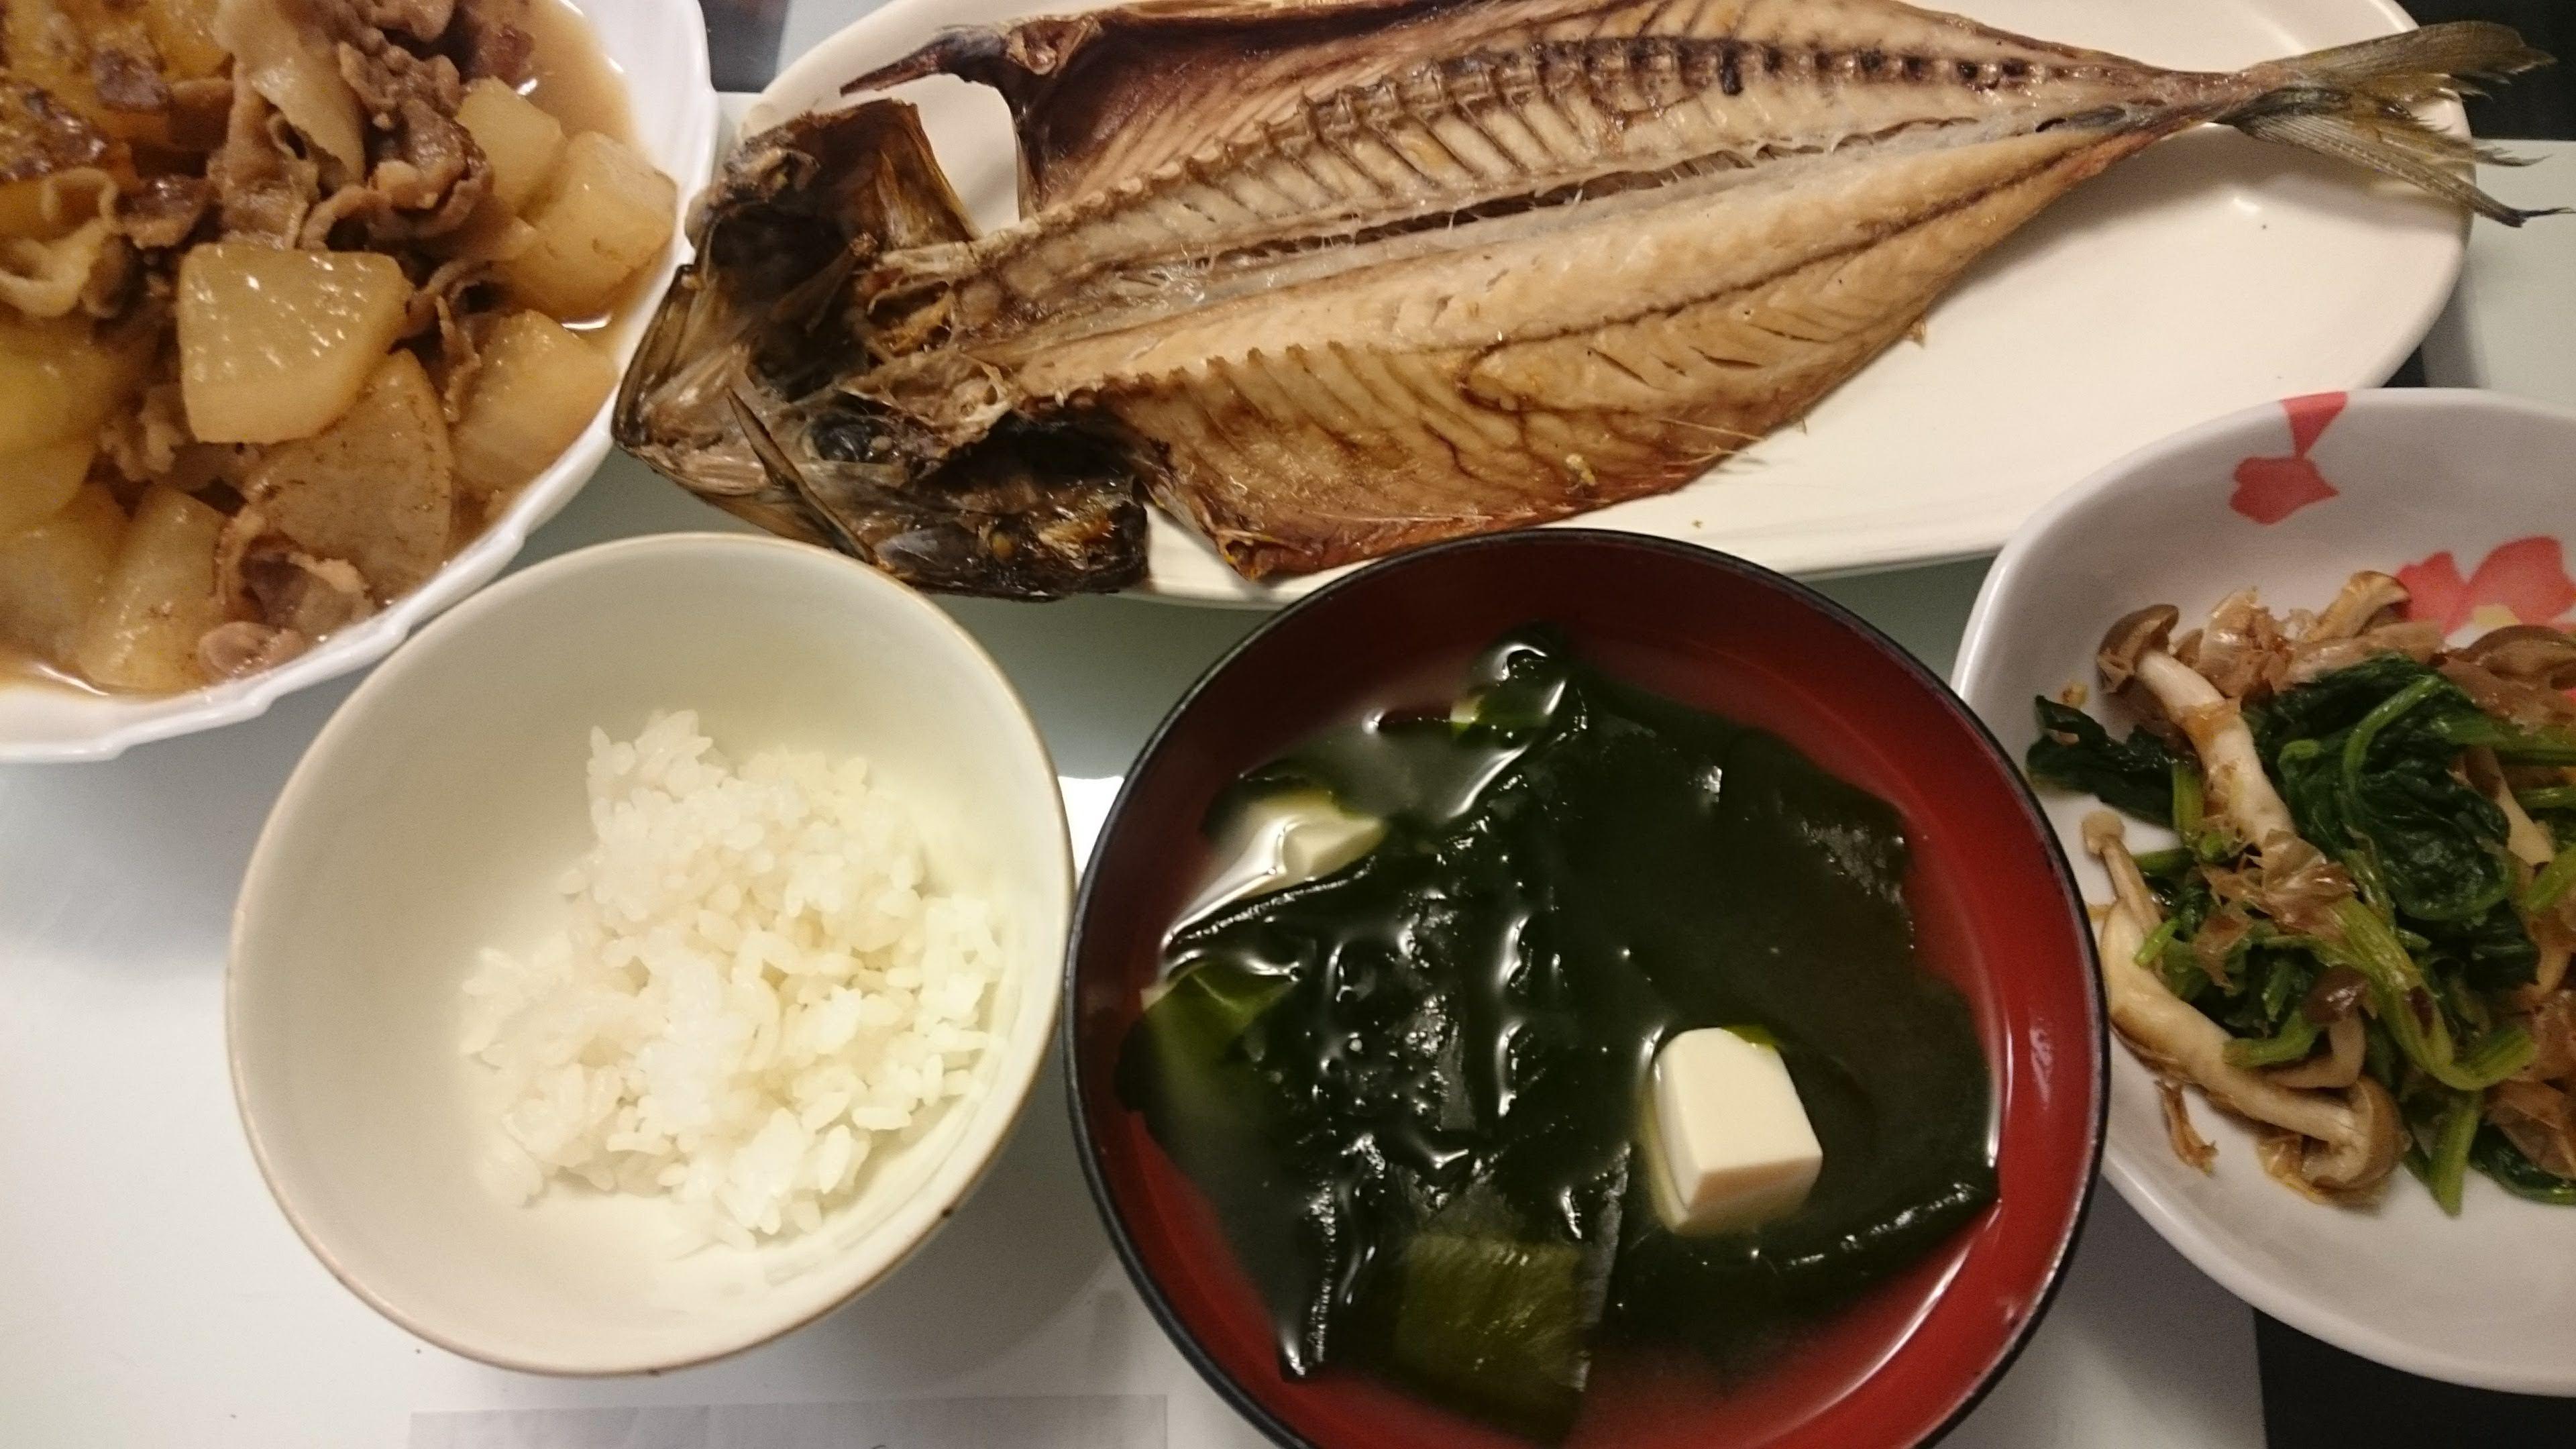 鯖の開き+大根と豚肉の煮物+ほうれん草としめじのおかか和え